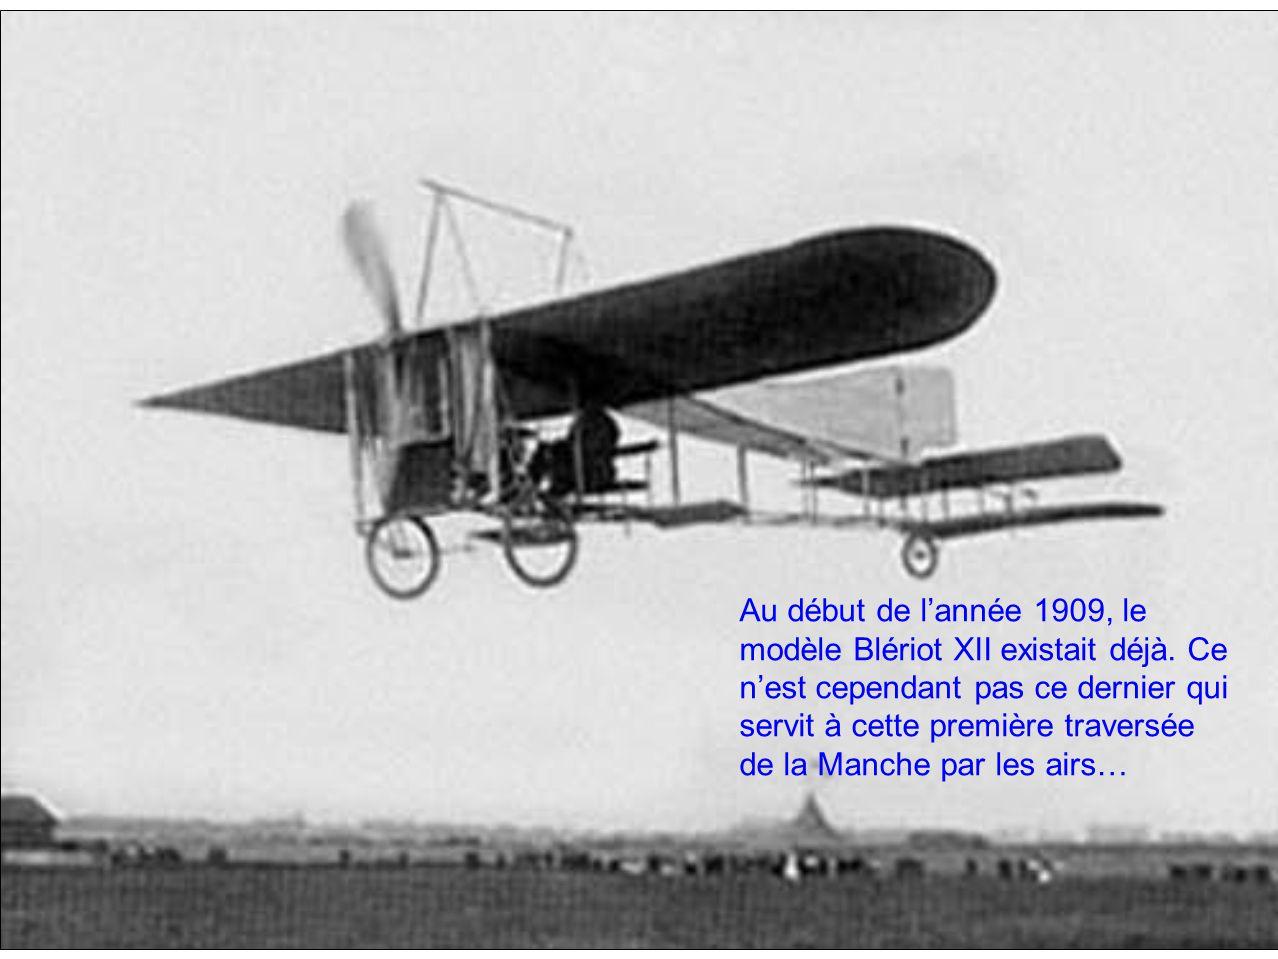 Au début de lannée 1909, le modèle Blériot XII existait déjà. Ce nest cependant pas ce dernier qui servit à cette première traversée de la Manche par